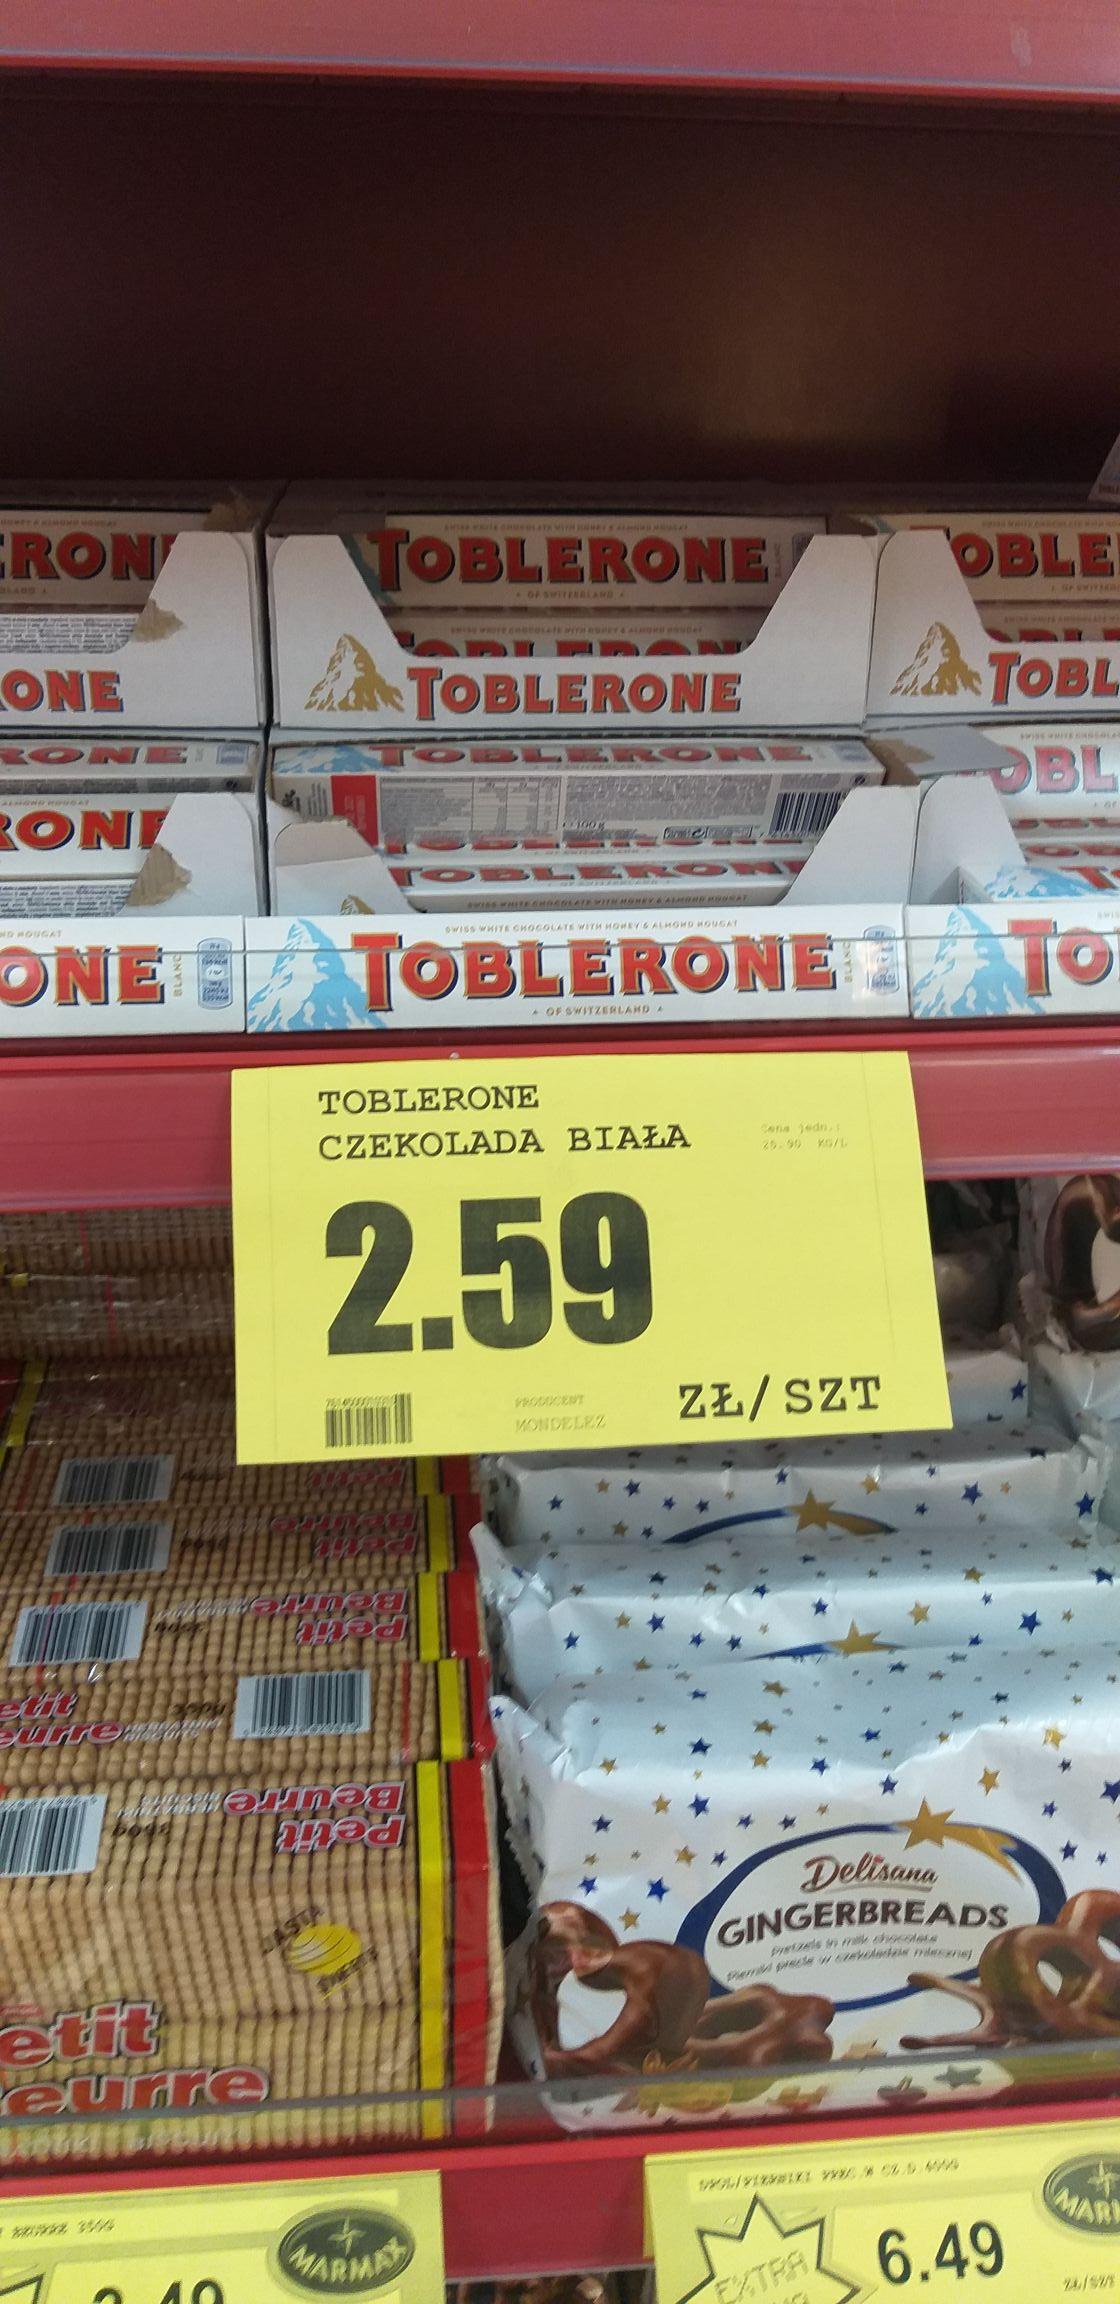 Toblerone Szwajcarska czekolada biała z nugatem miodowo-migdałowym 100g, Marmax Rzeszów